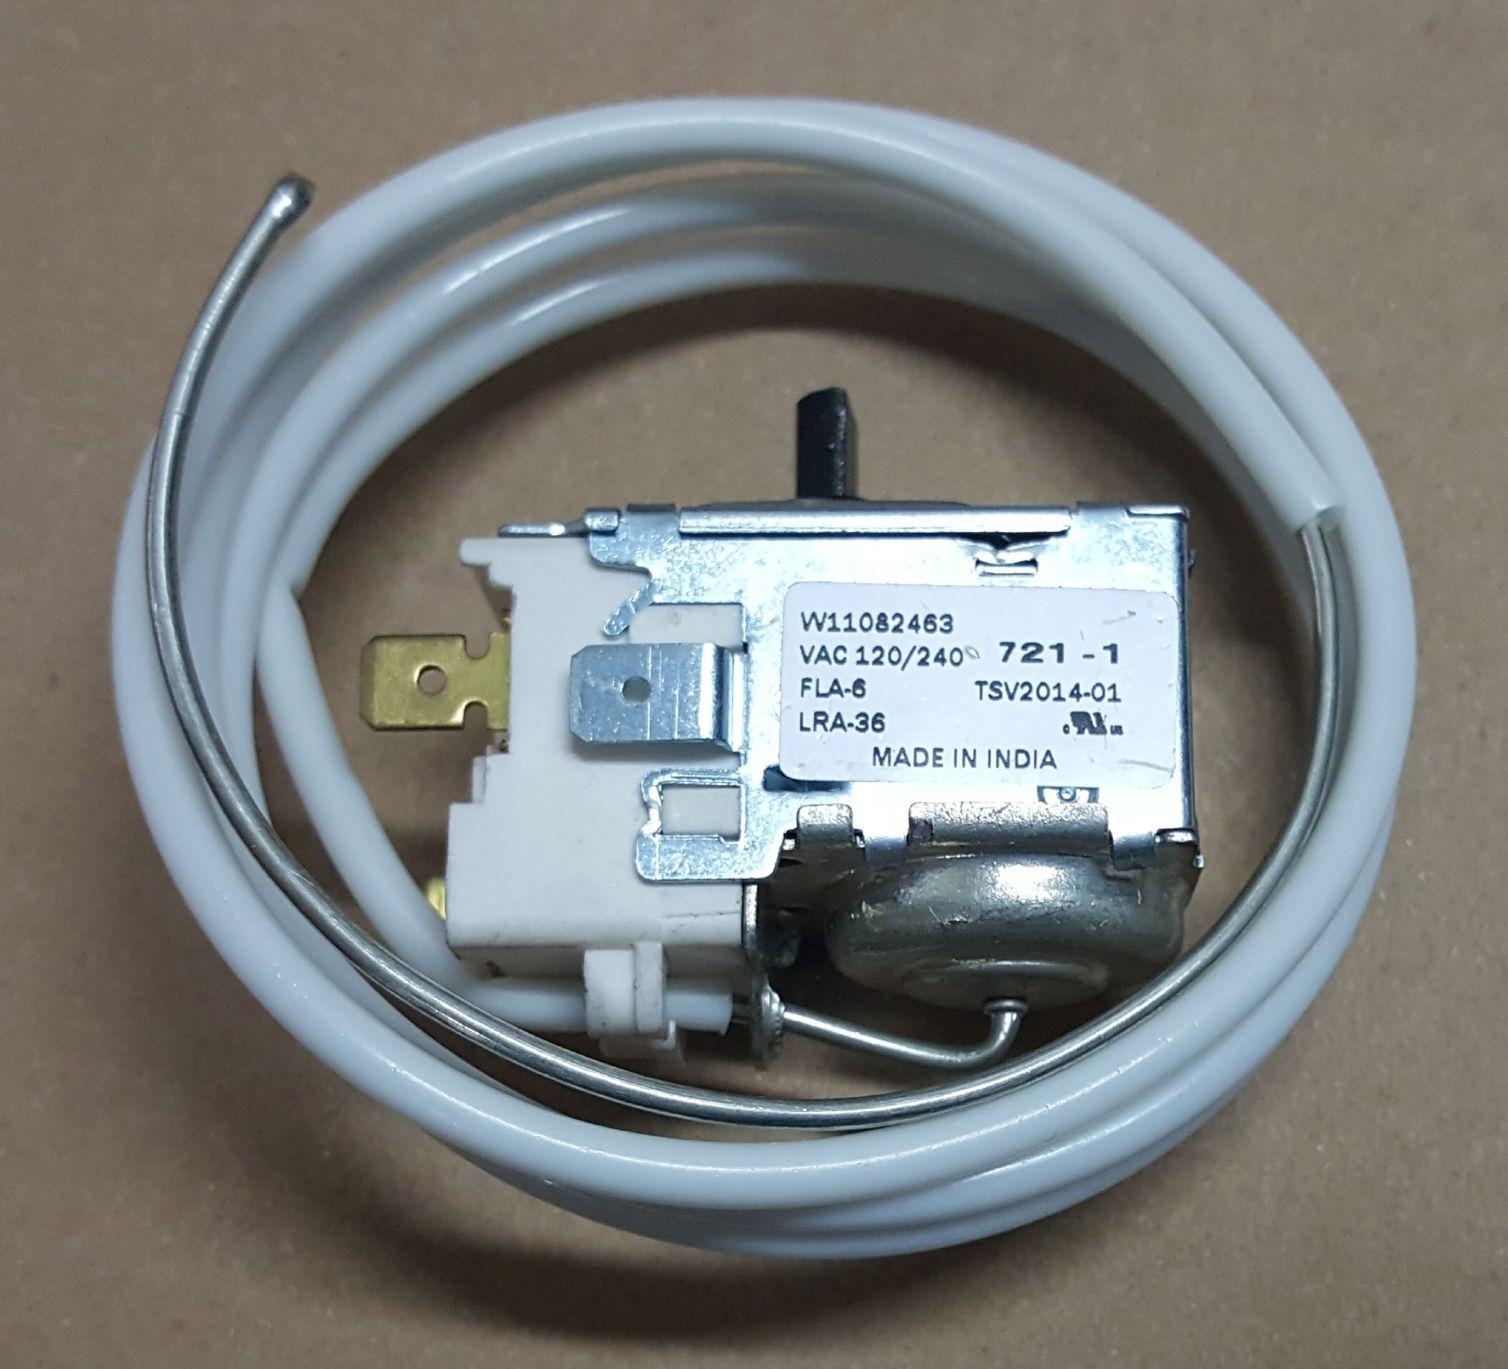 Termostato TSV2014-01 Brastemp / Consul ( CRD36 / BRB39 ) - W11082463